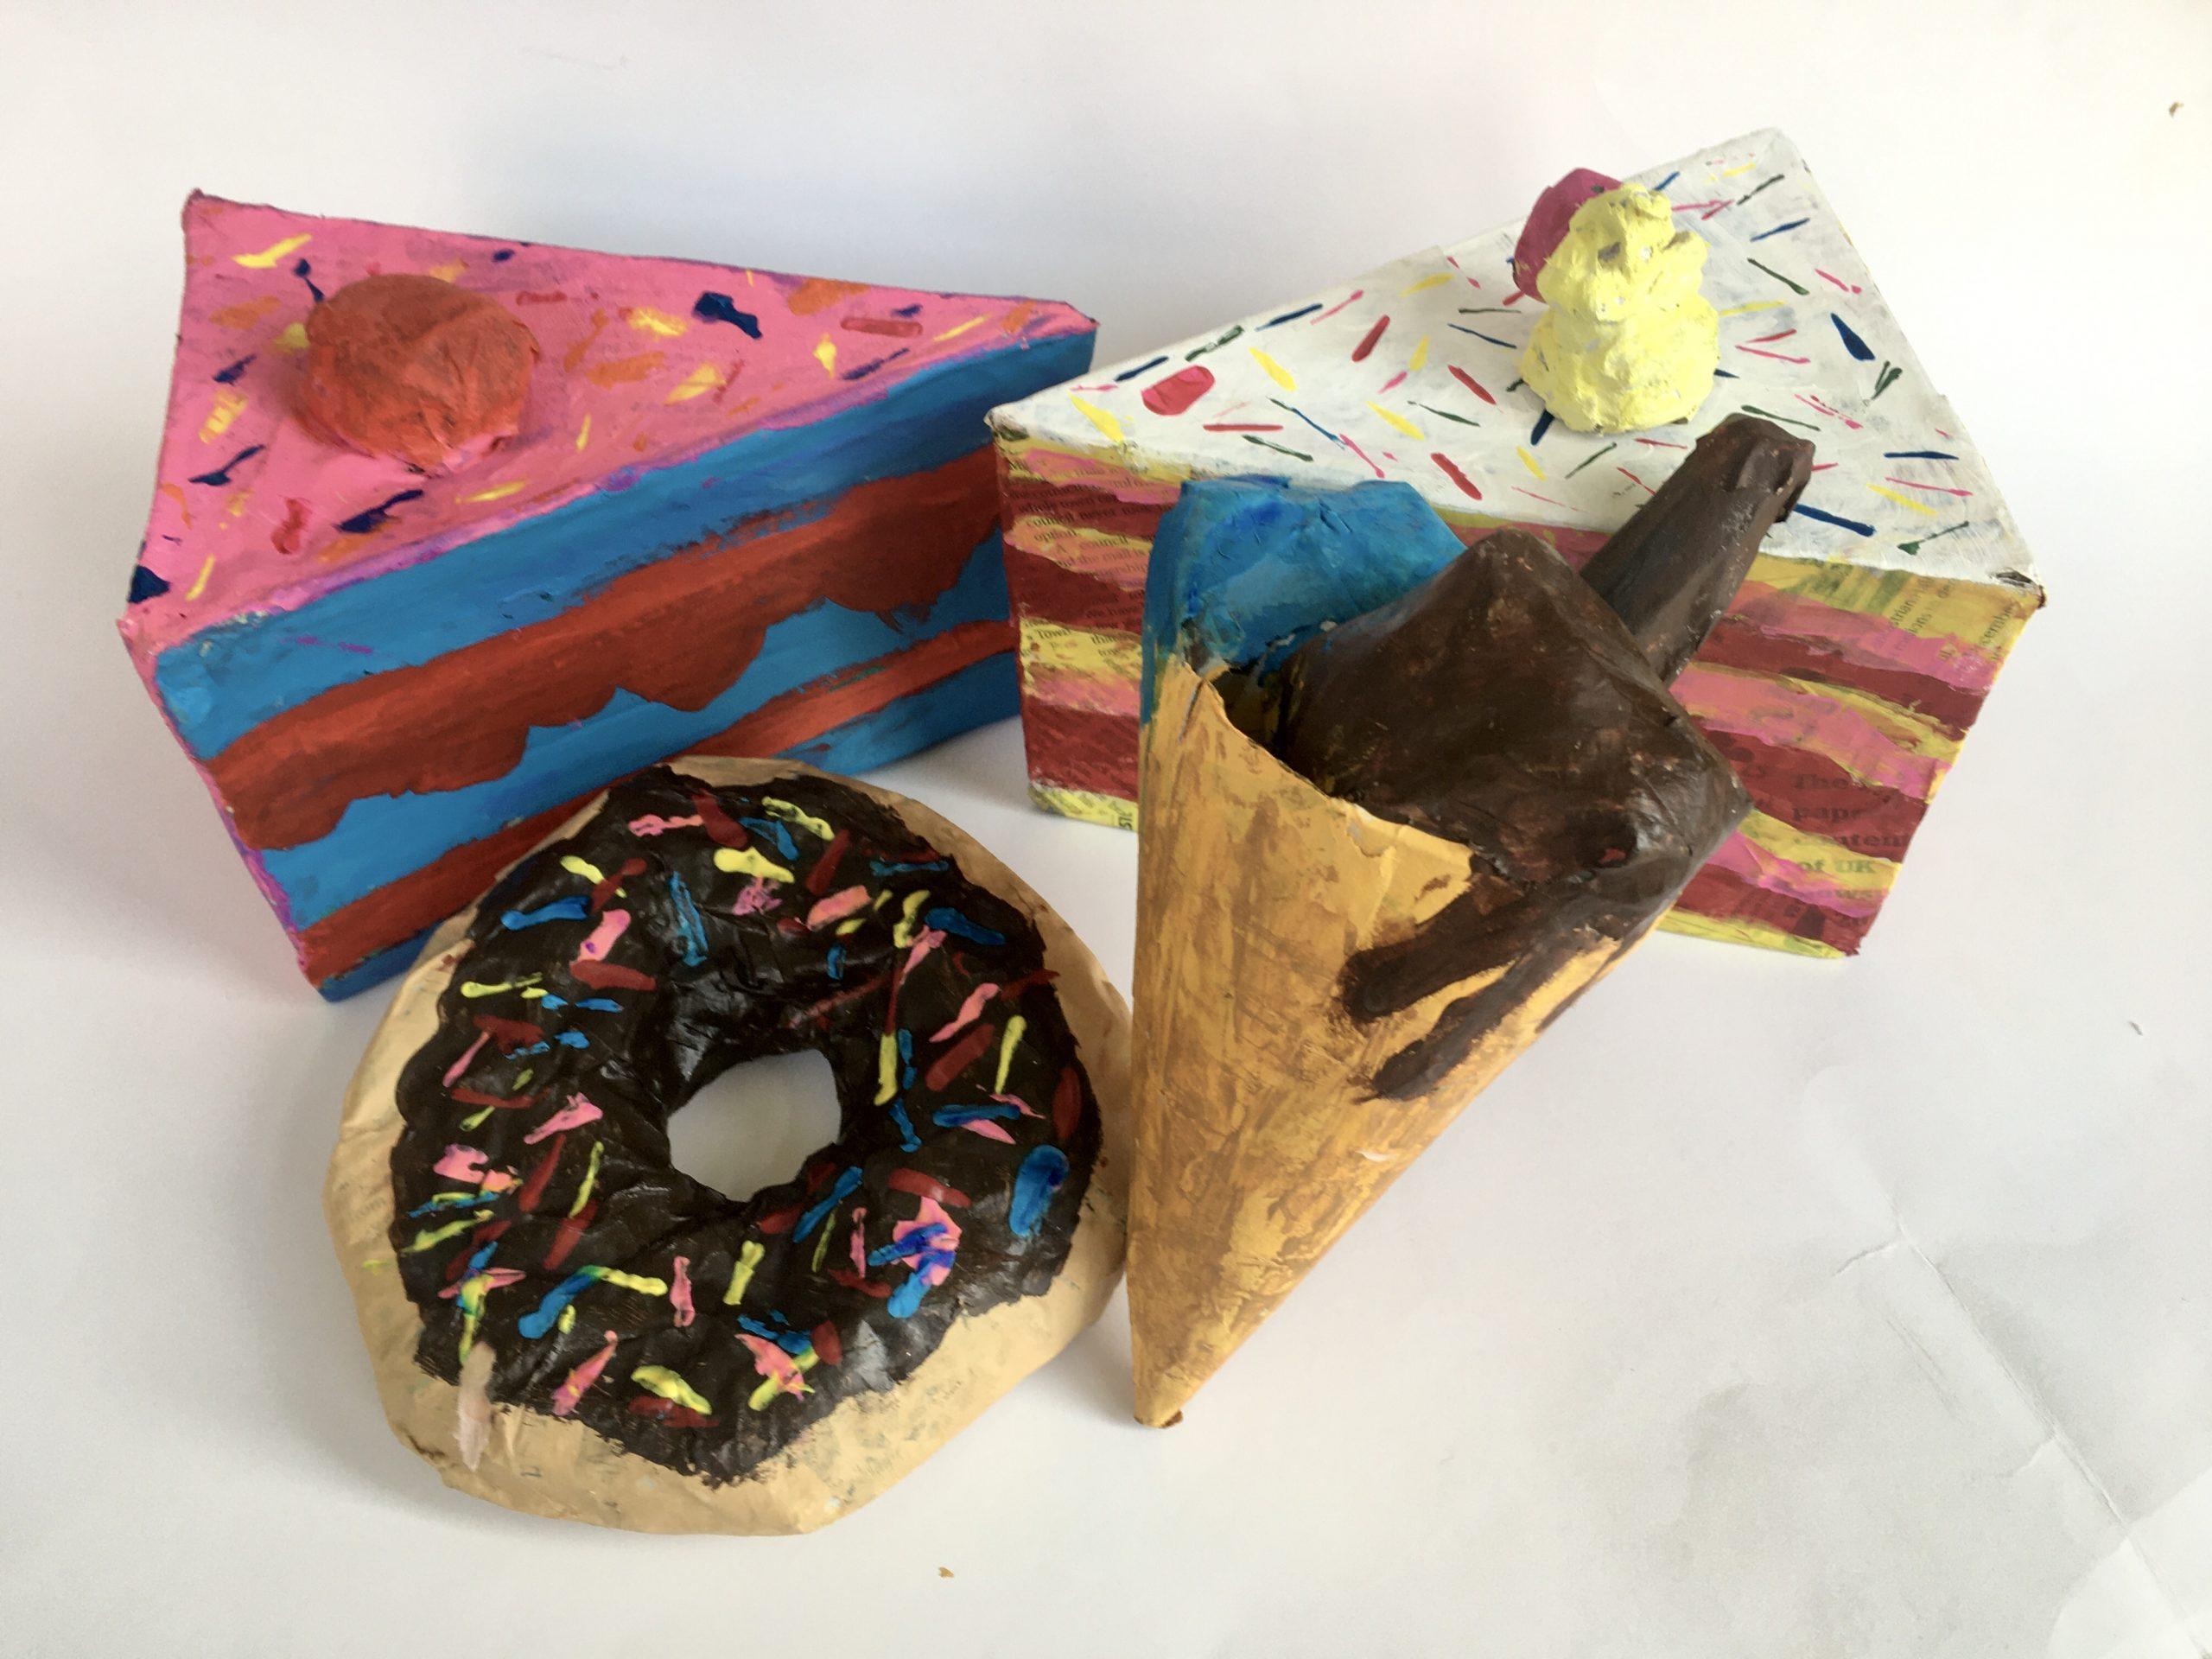 Paper Mache Food sculptures